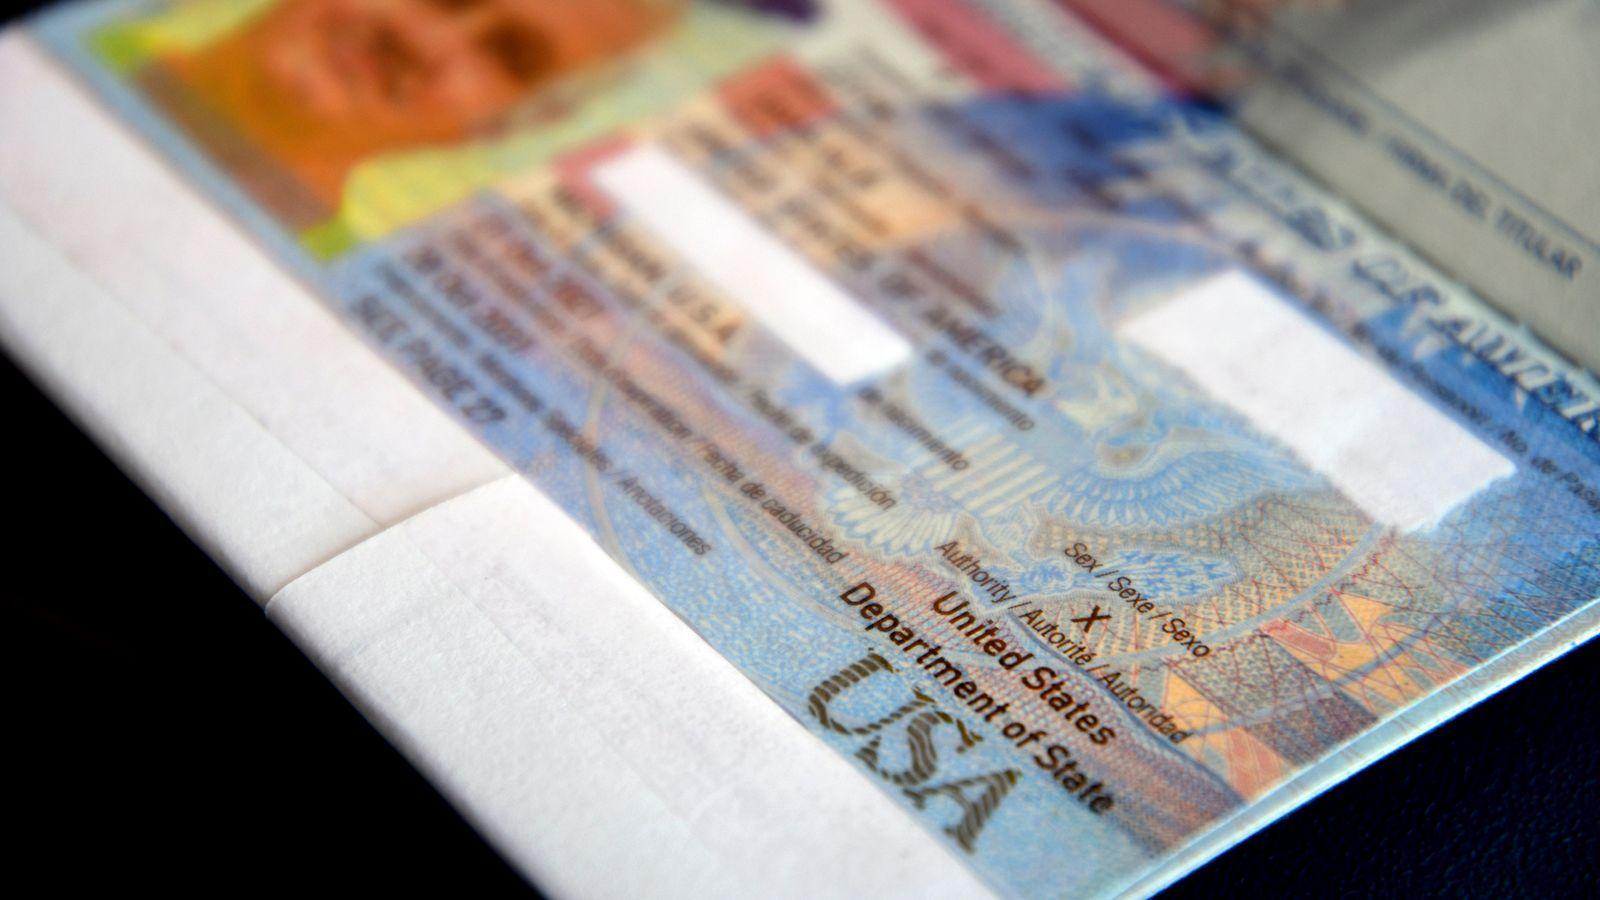 US issues first gender-neutral 'X' passport